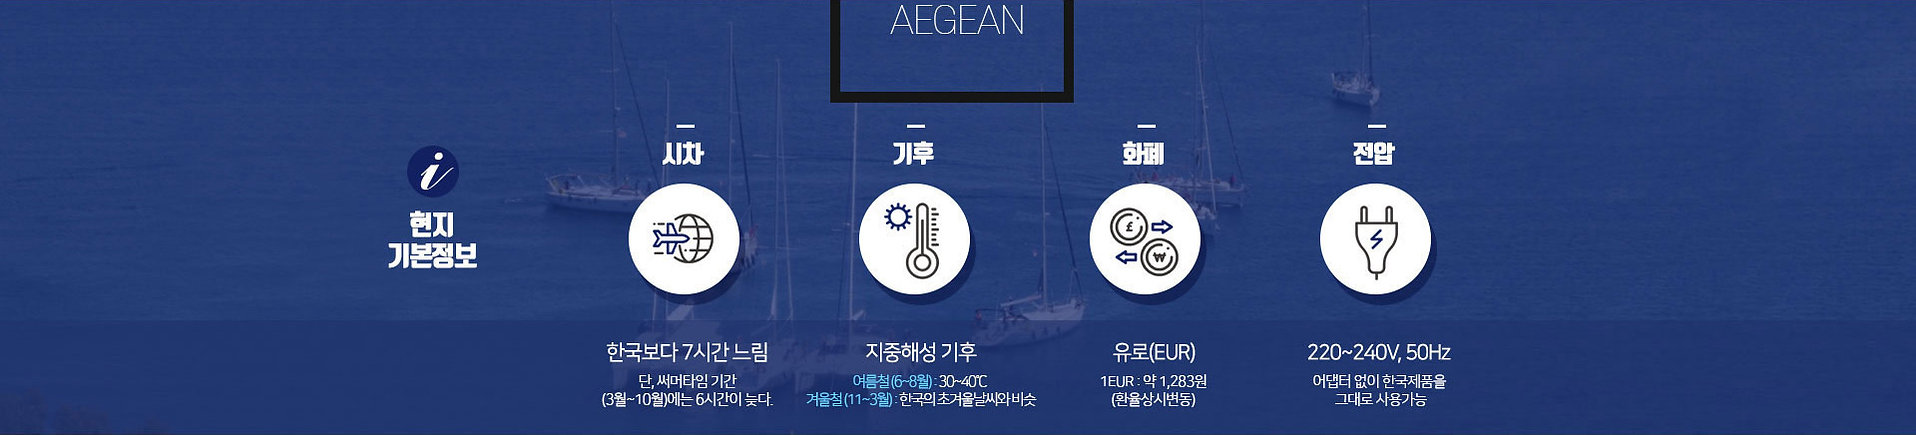 aegean_img02.jpg